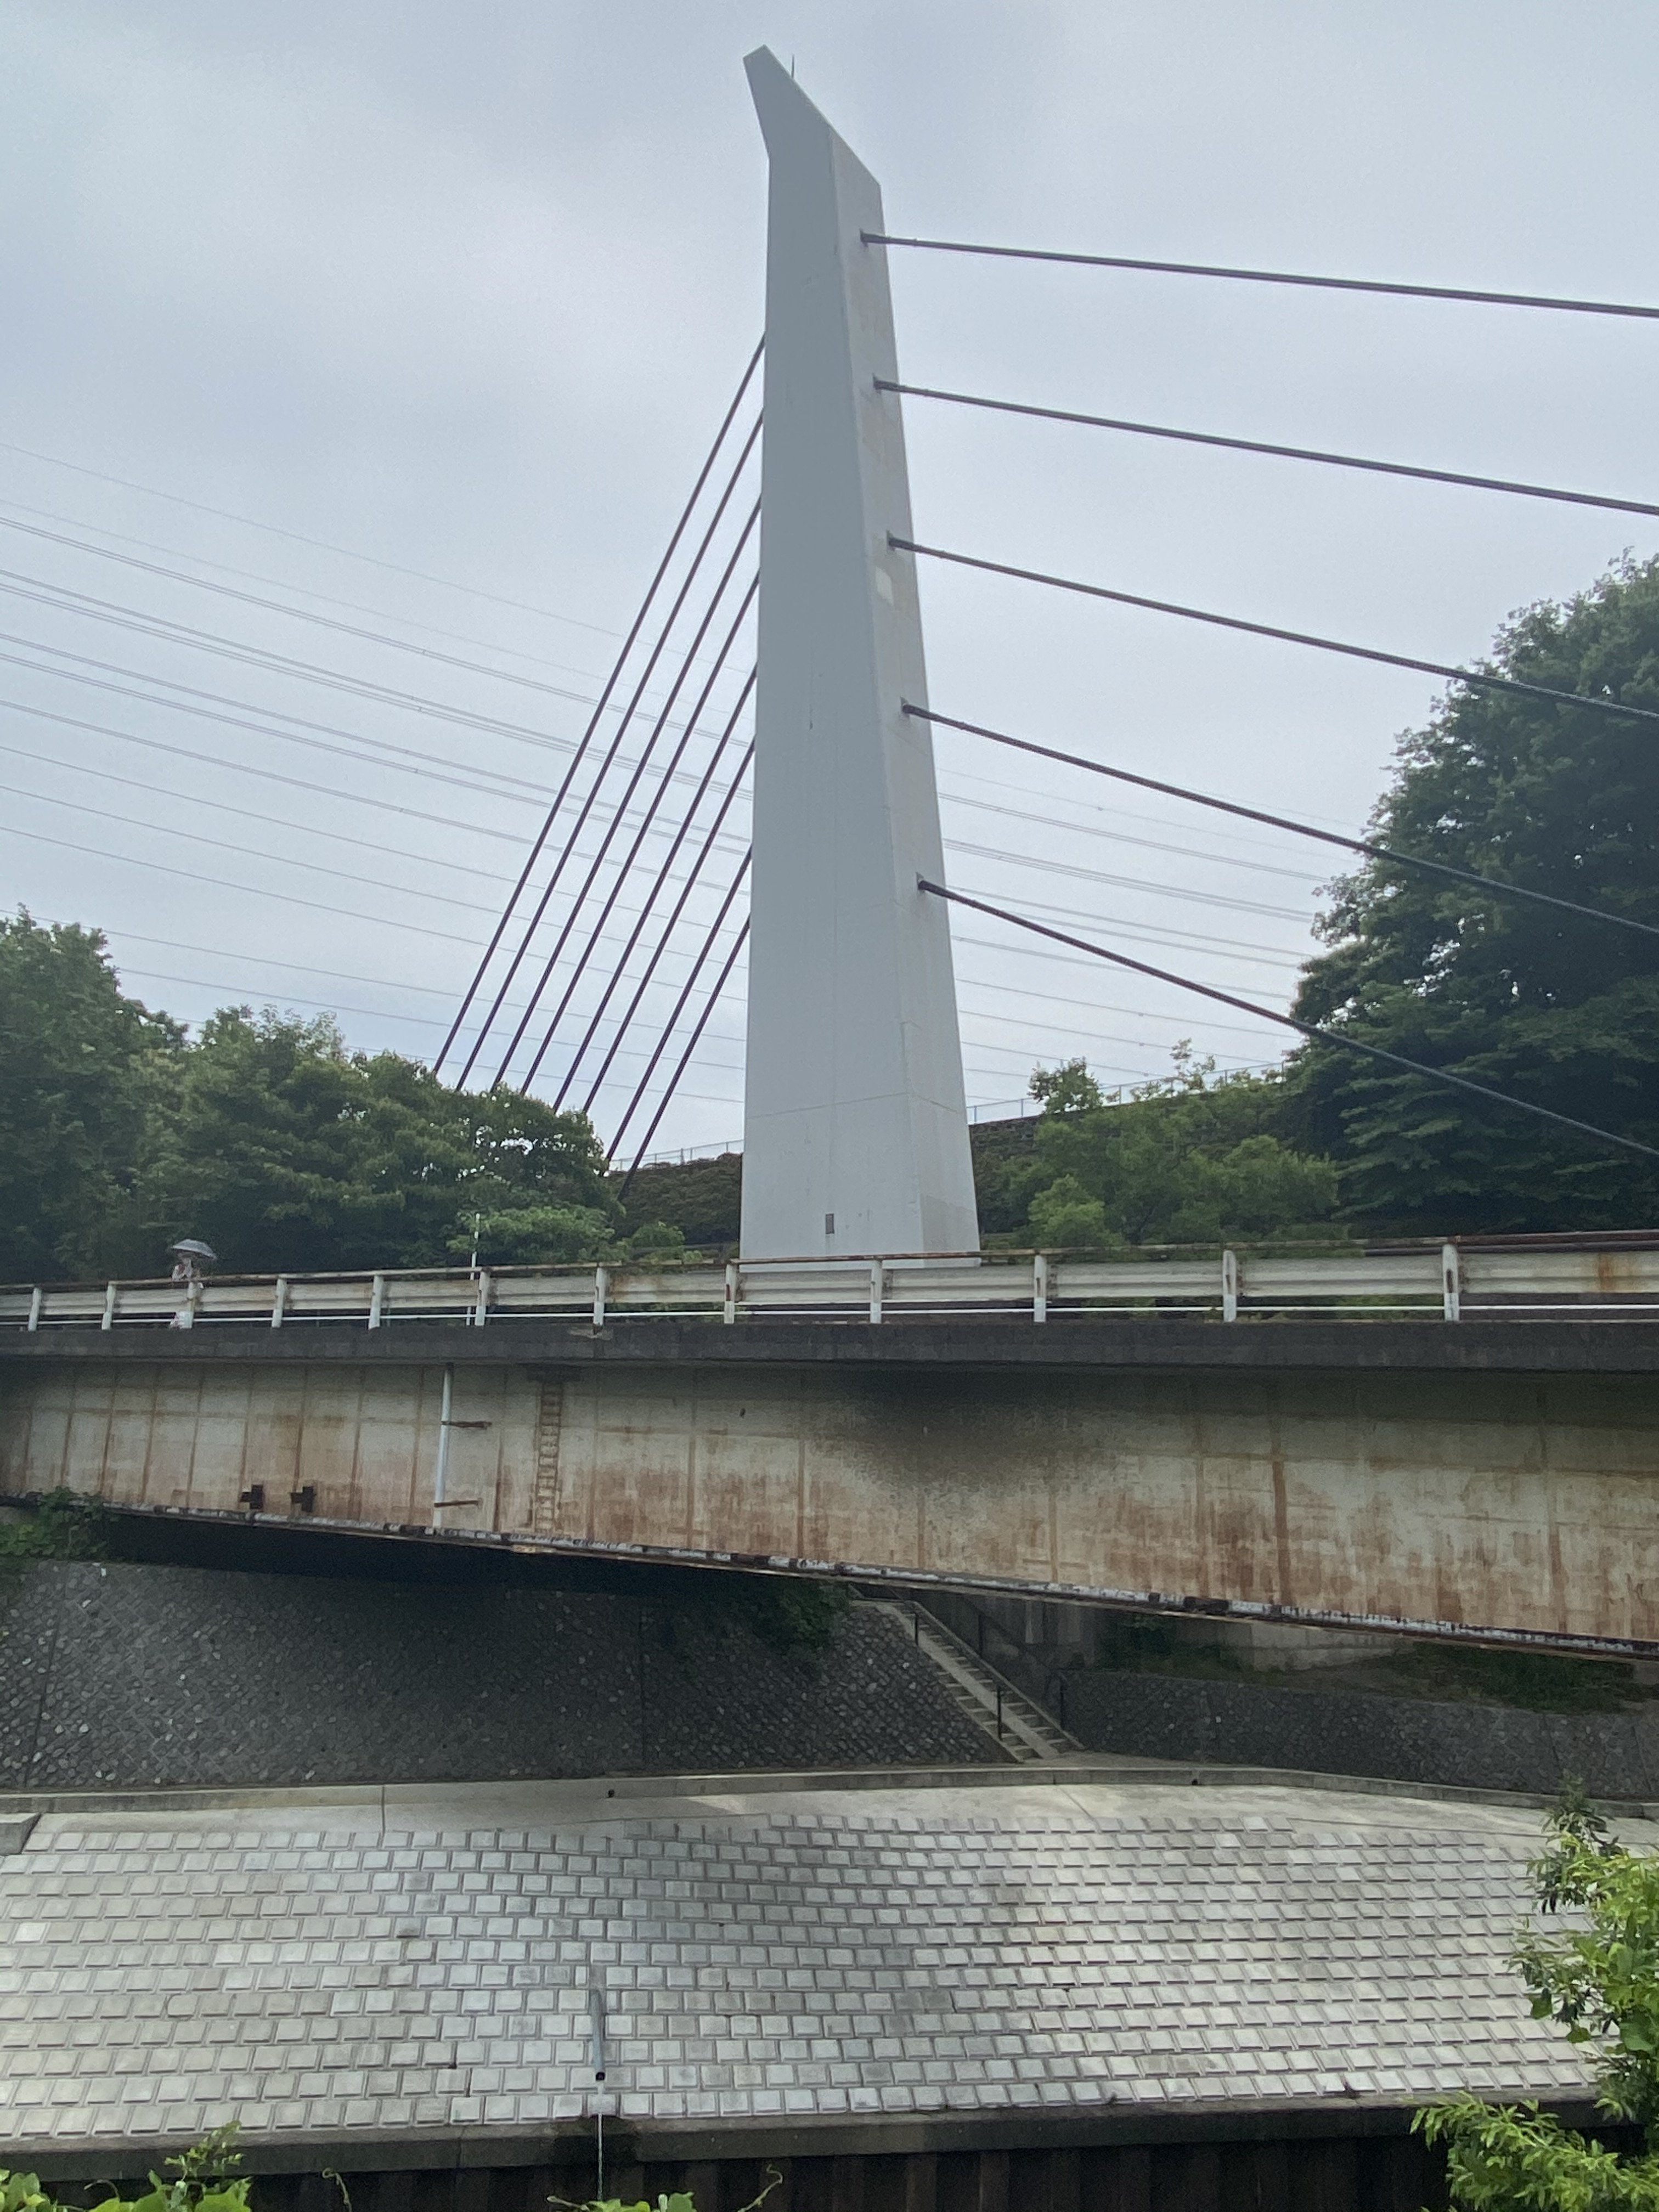 旧道市場坂橋から市場坂橋